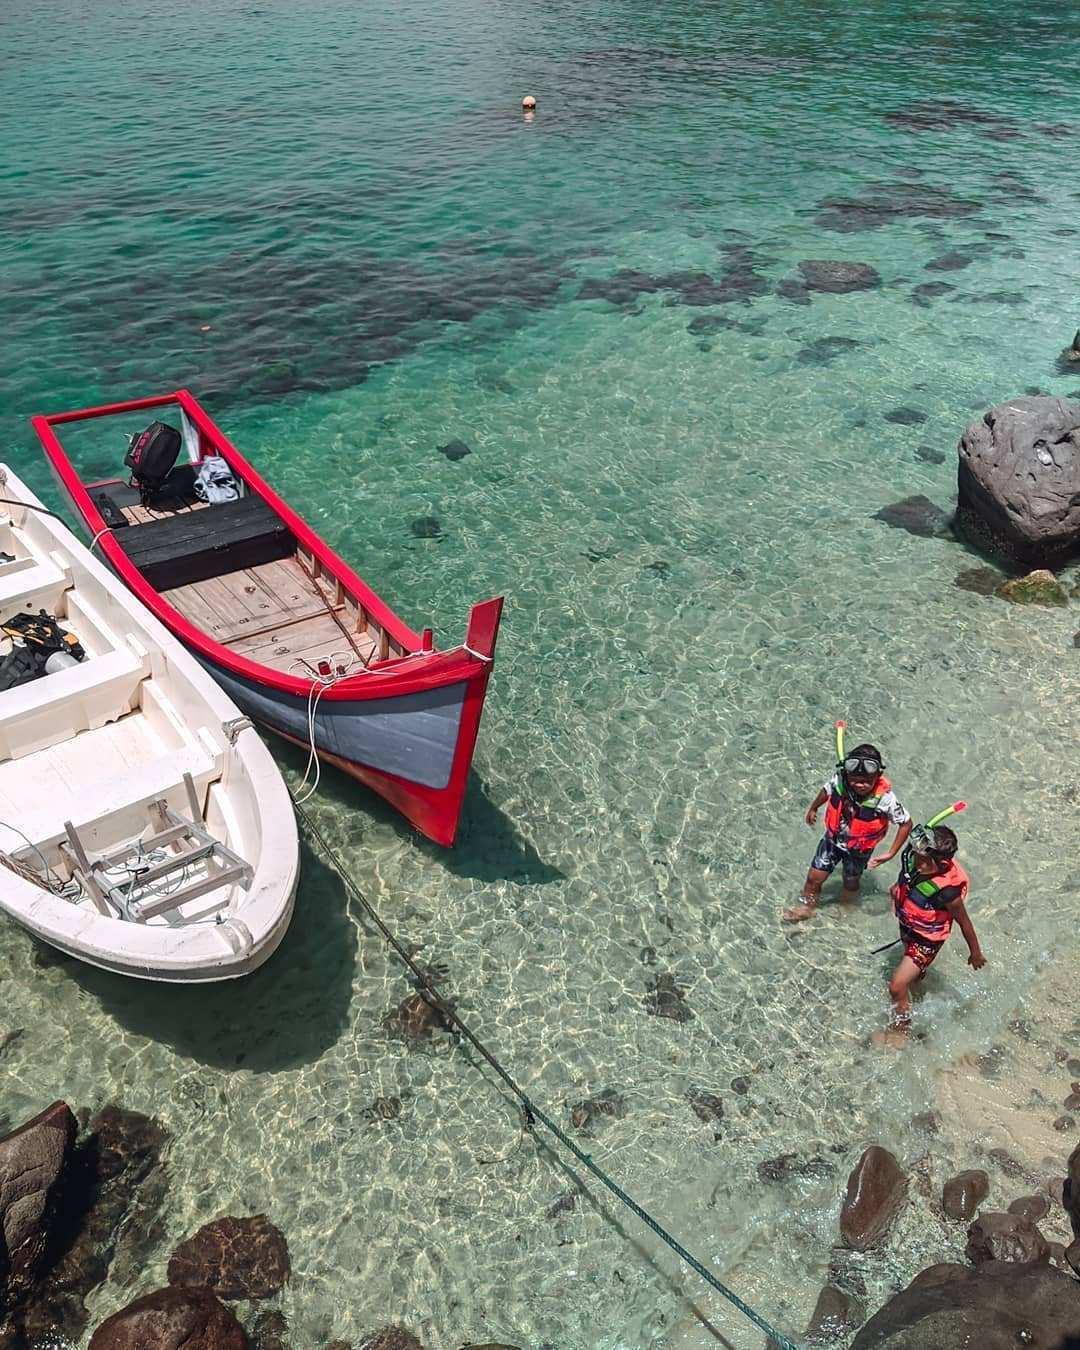 Berjalan di Pantai Pulau Rubiah, Image From @denaiguna